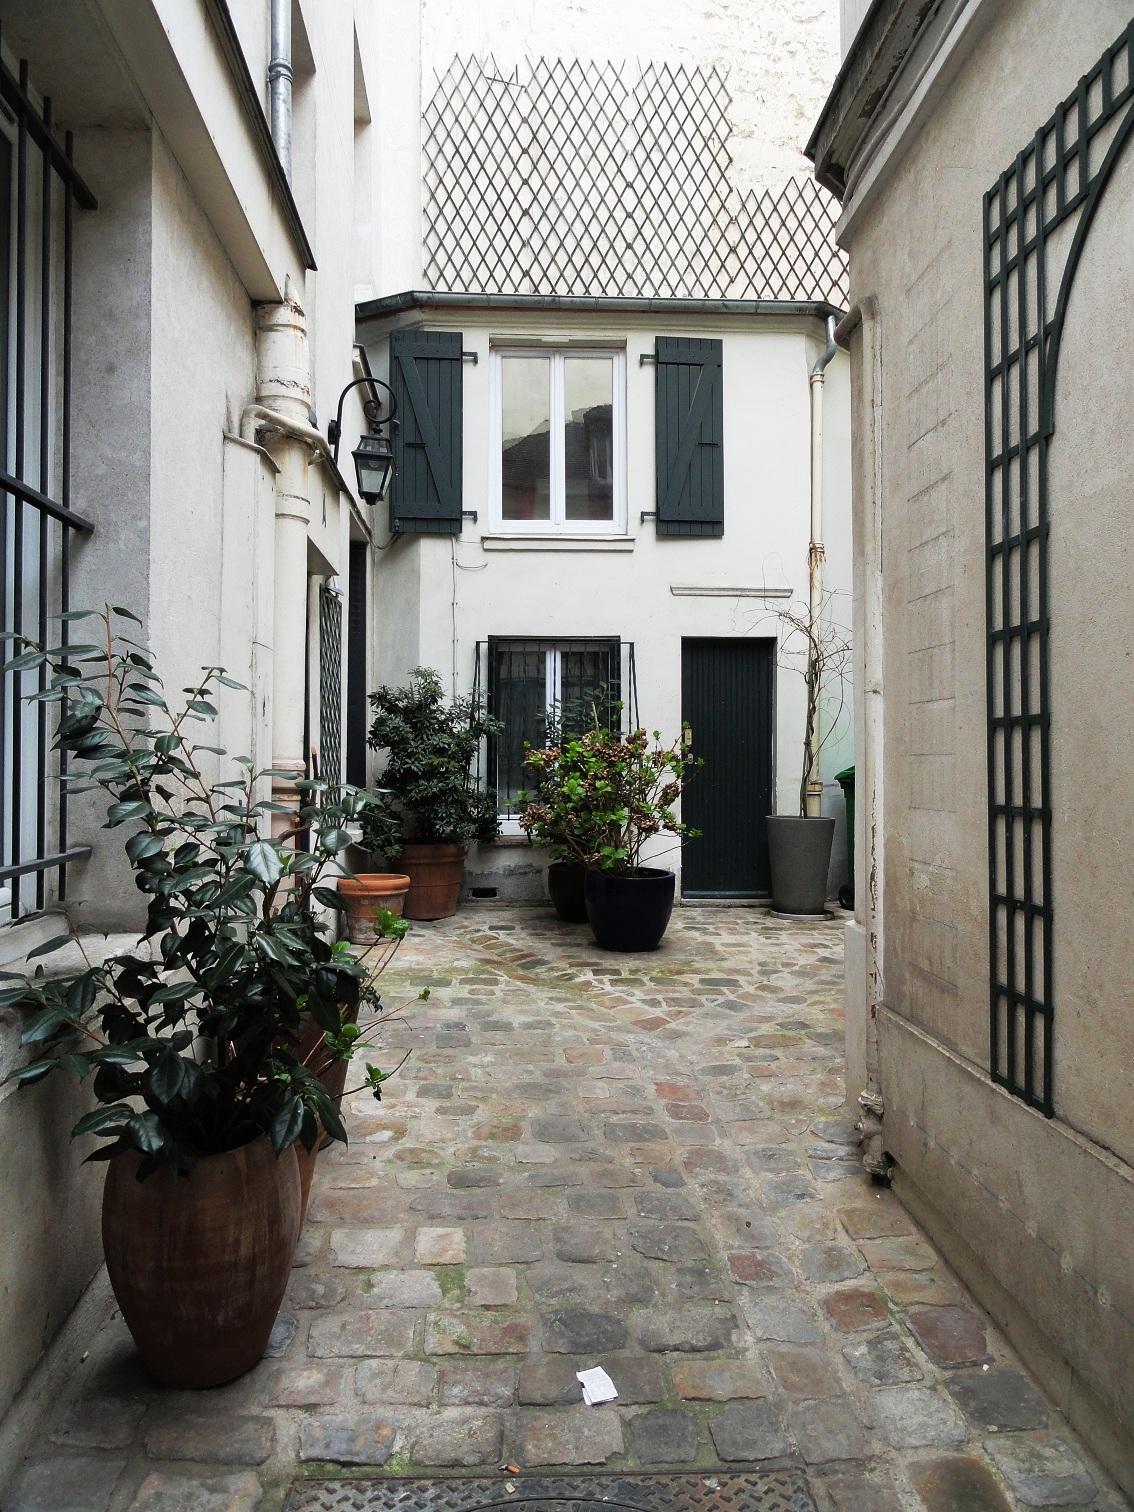 Passage du Chantier, Paris 12e